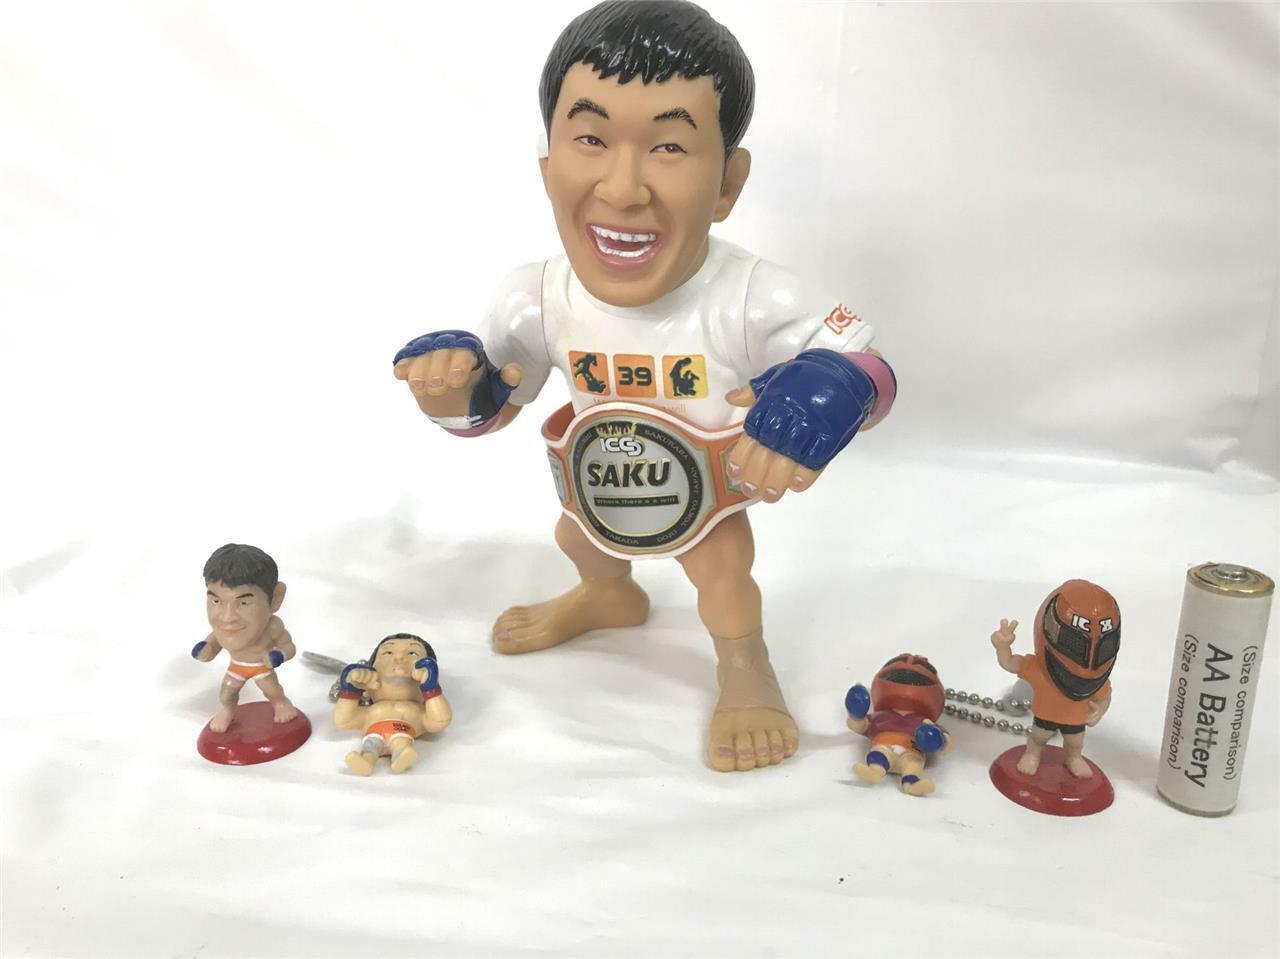 Kazushi Sakuraba Hao Set Figuras De Colección NJPW UFC MMA Pride UWF cociente de inteligencia